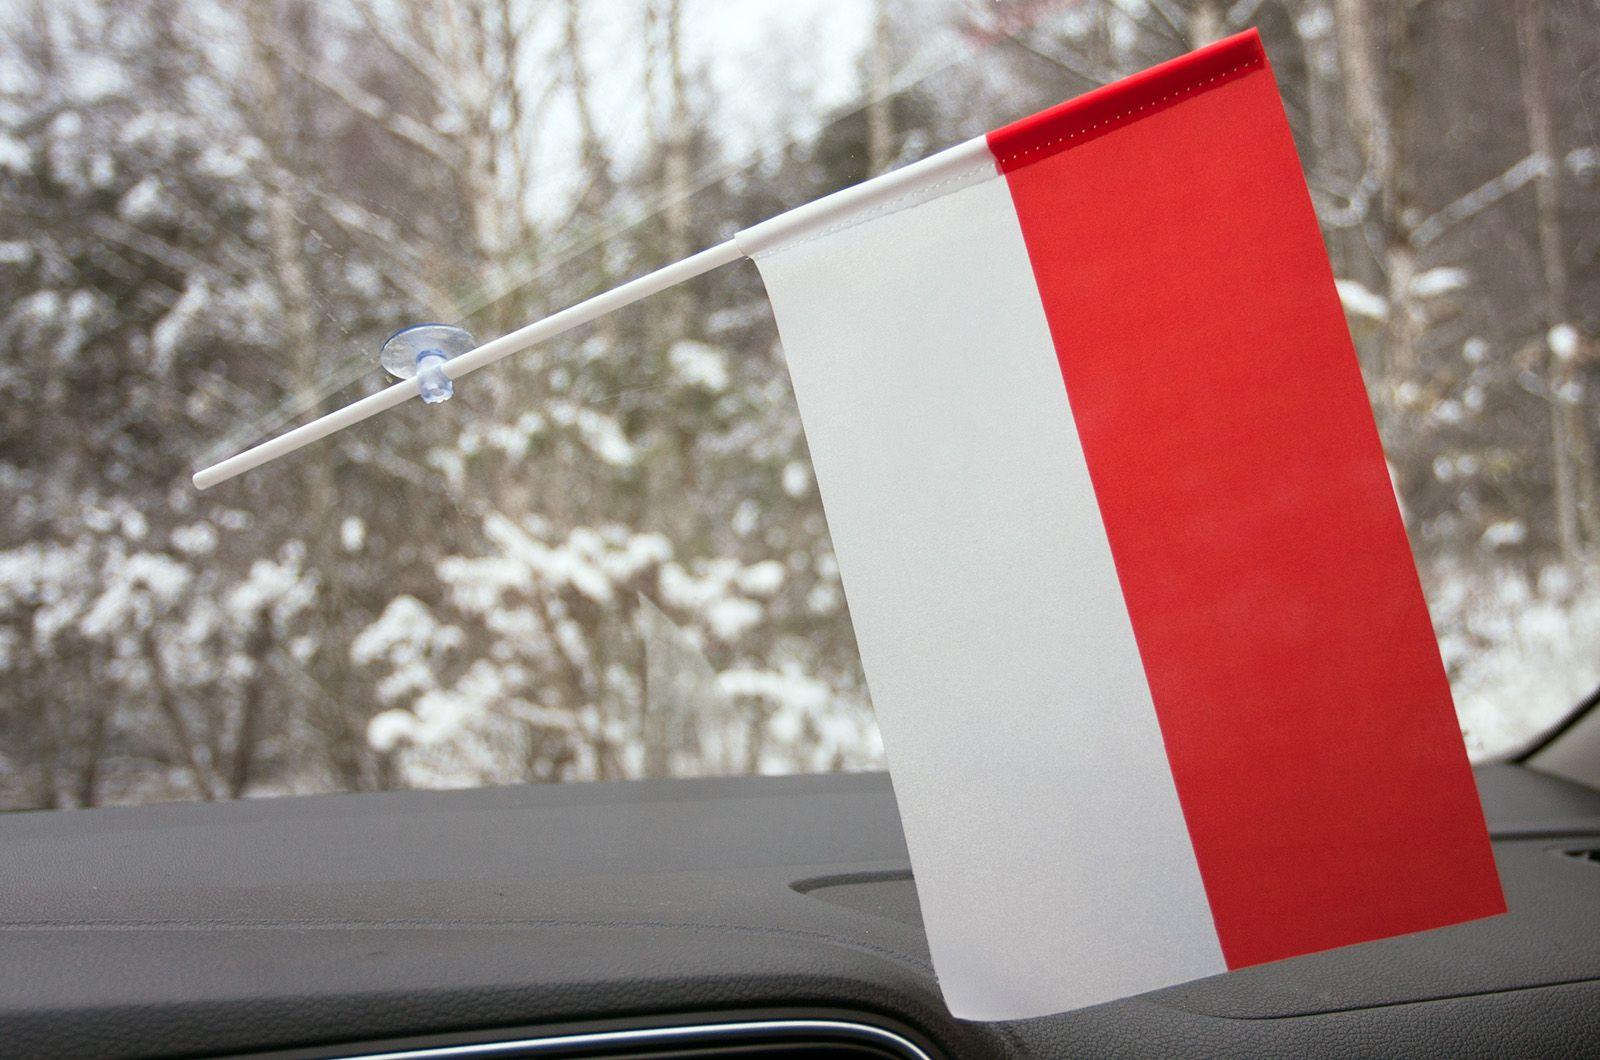 Флажок Индонезии в машину